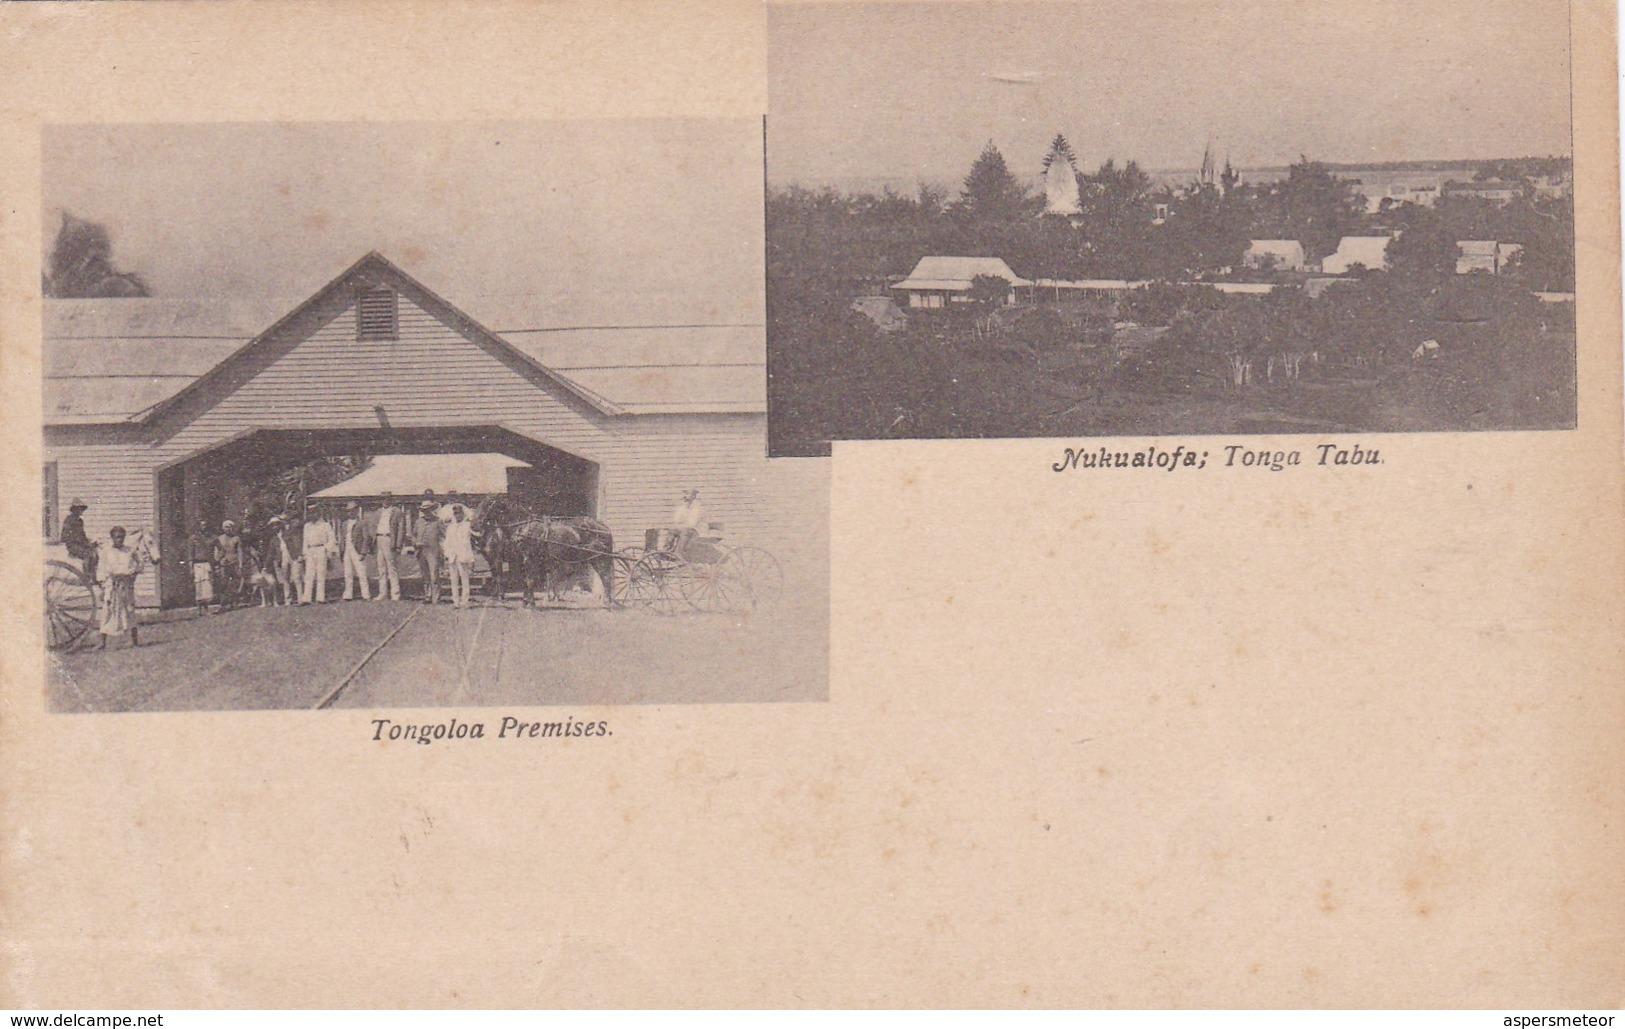 TONGA MULTIVUE: TONGOLAO PREMISES, NUKUALOFA, TONGA TABOO CIRCA 1900s RARISIME- BLEUP - Tonga